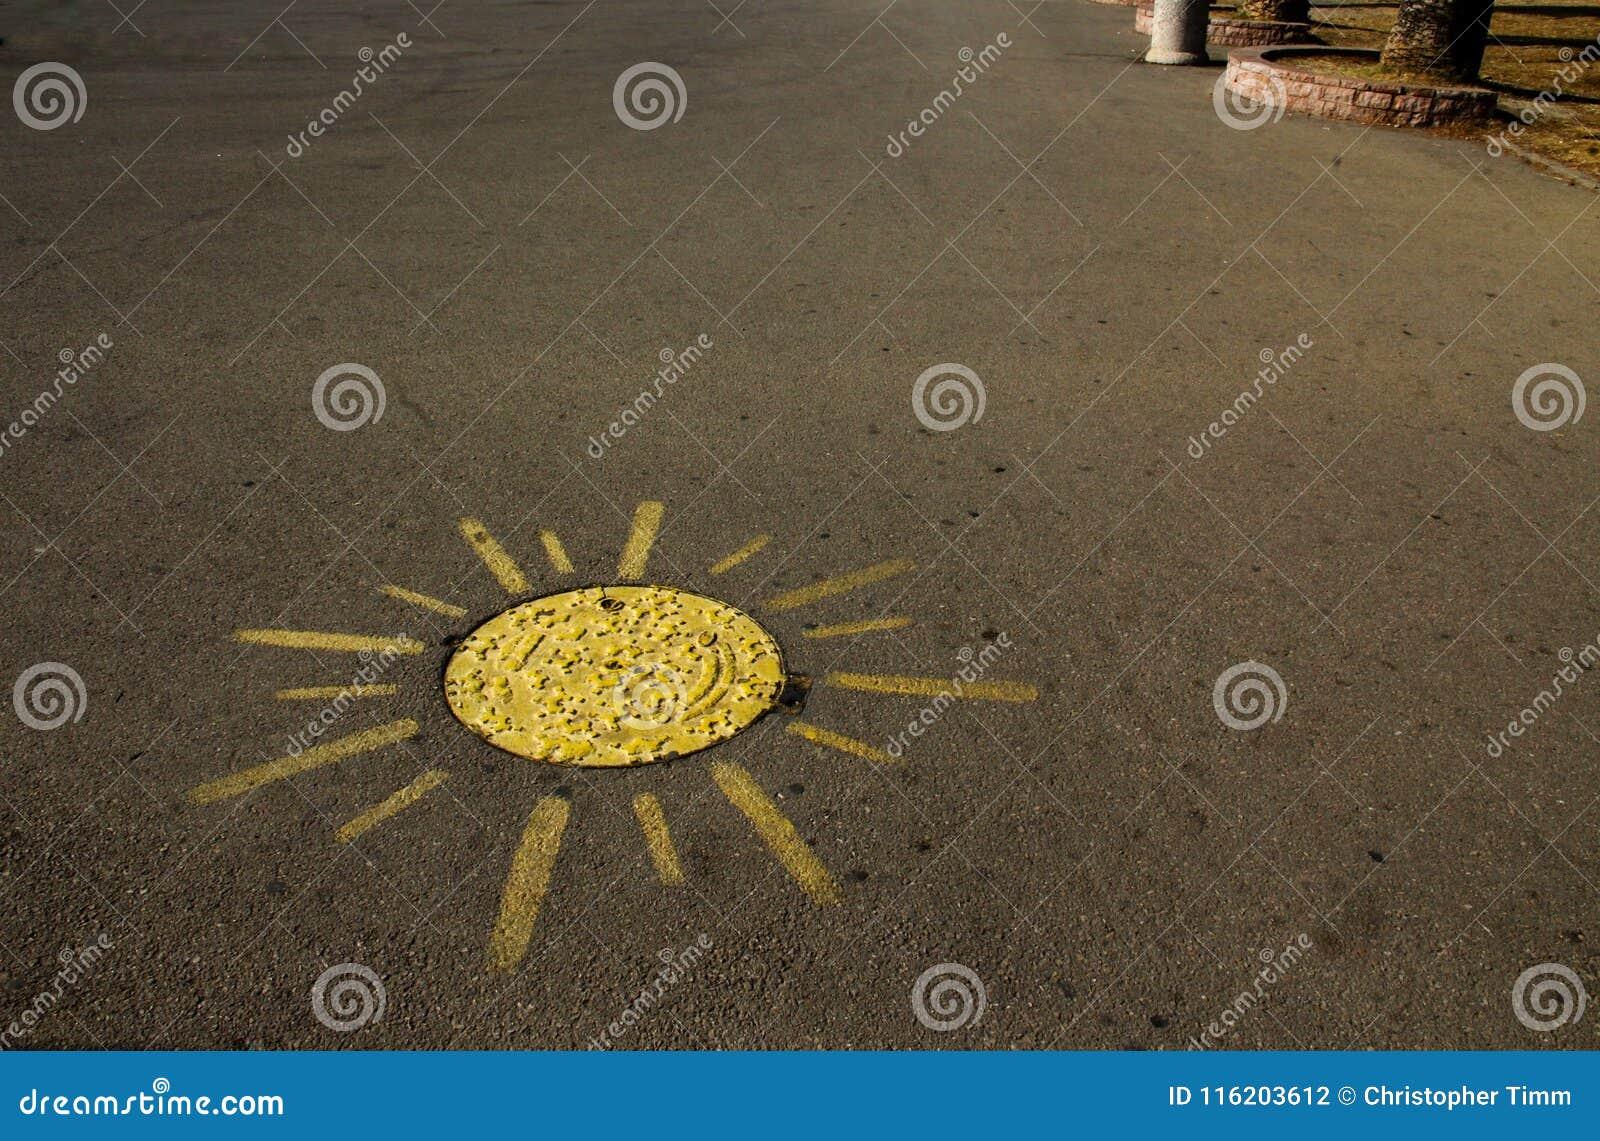 Gemaltes Gelb und Aussehung wie eine Sonne